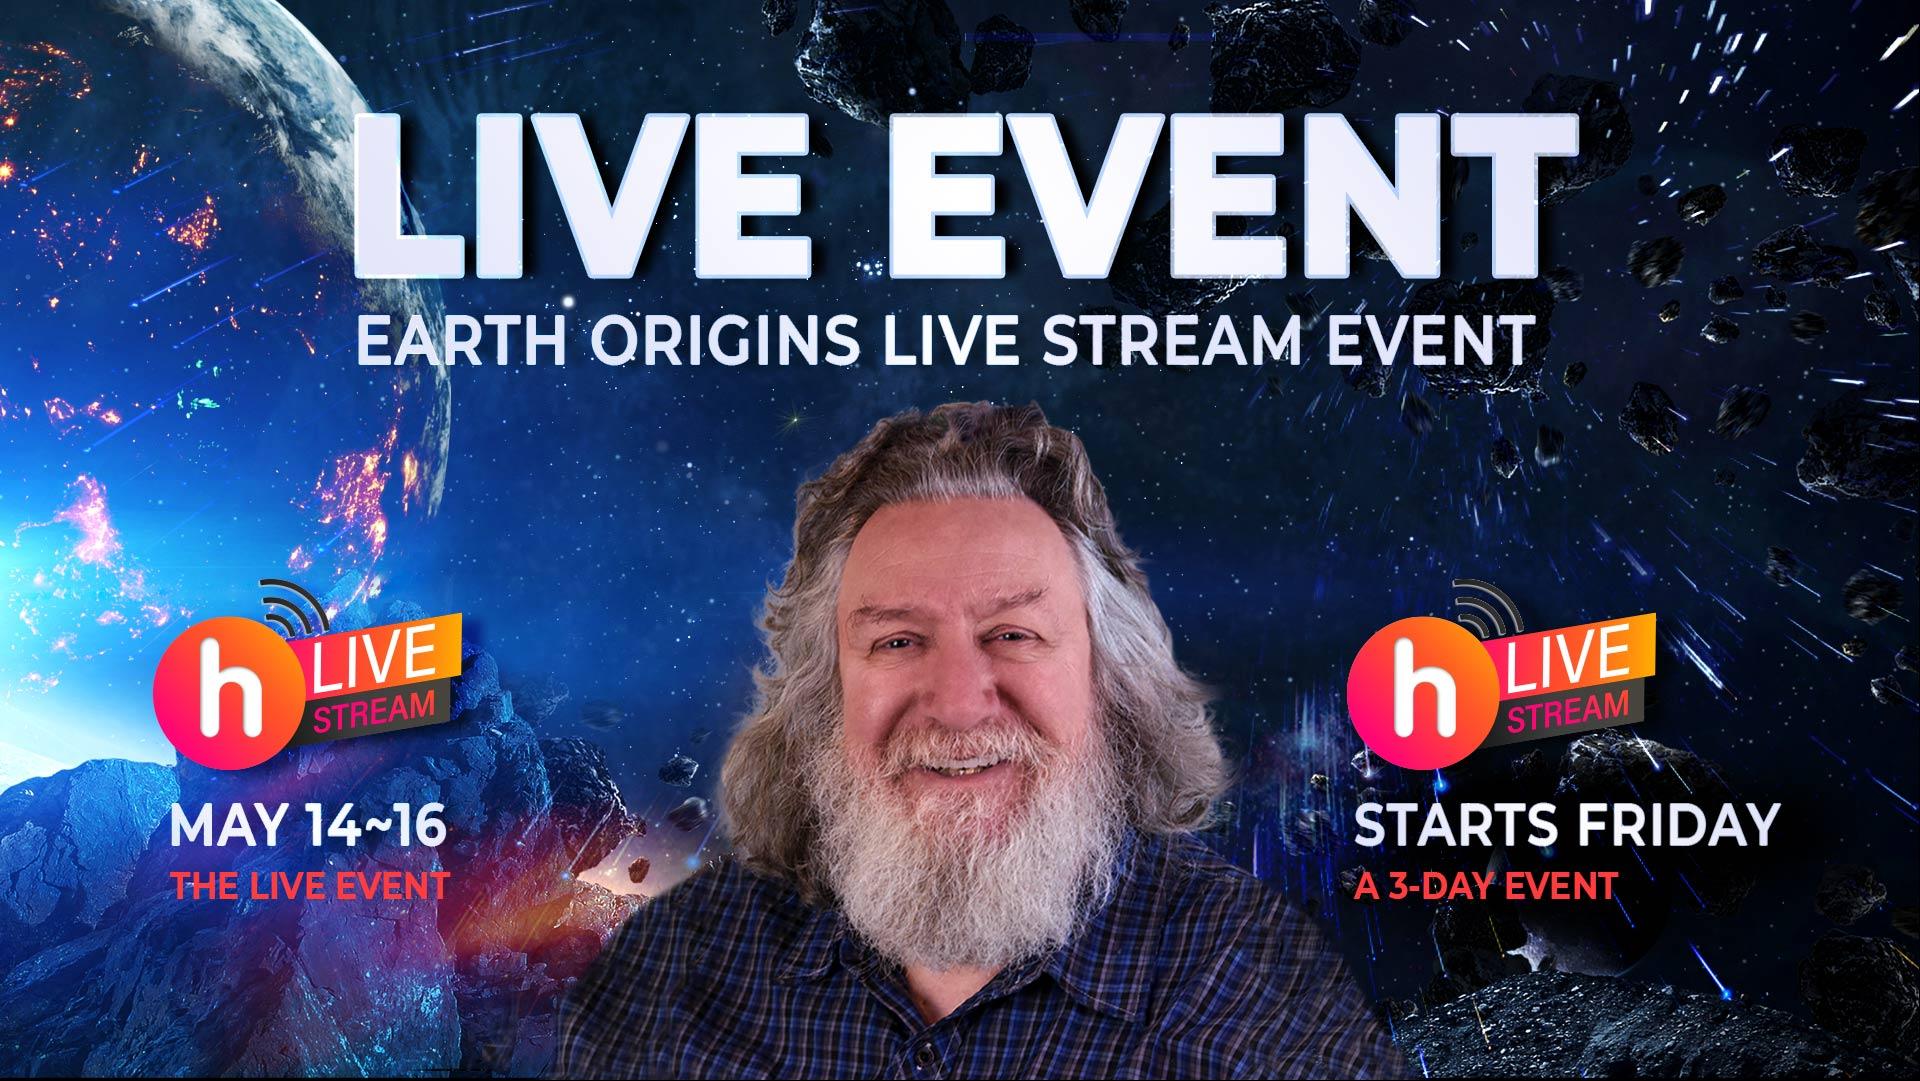 EARTH ORIGINS, 2021, A SPECIAL, 3-DAY, LIVE STREAM